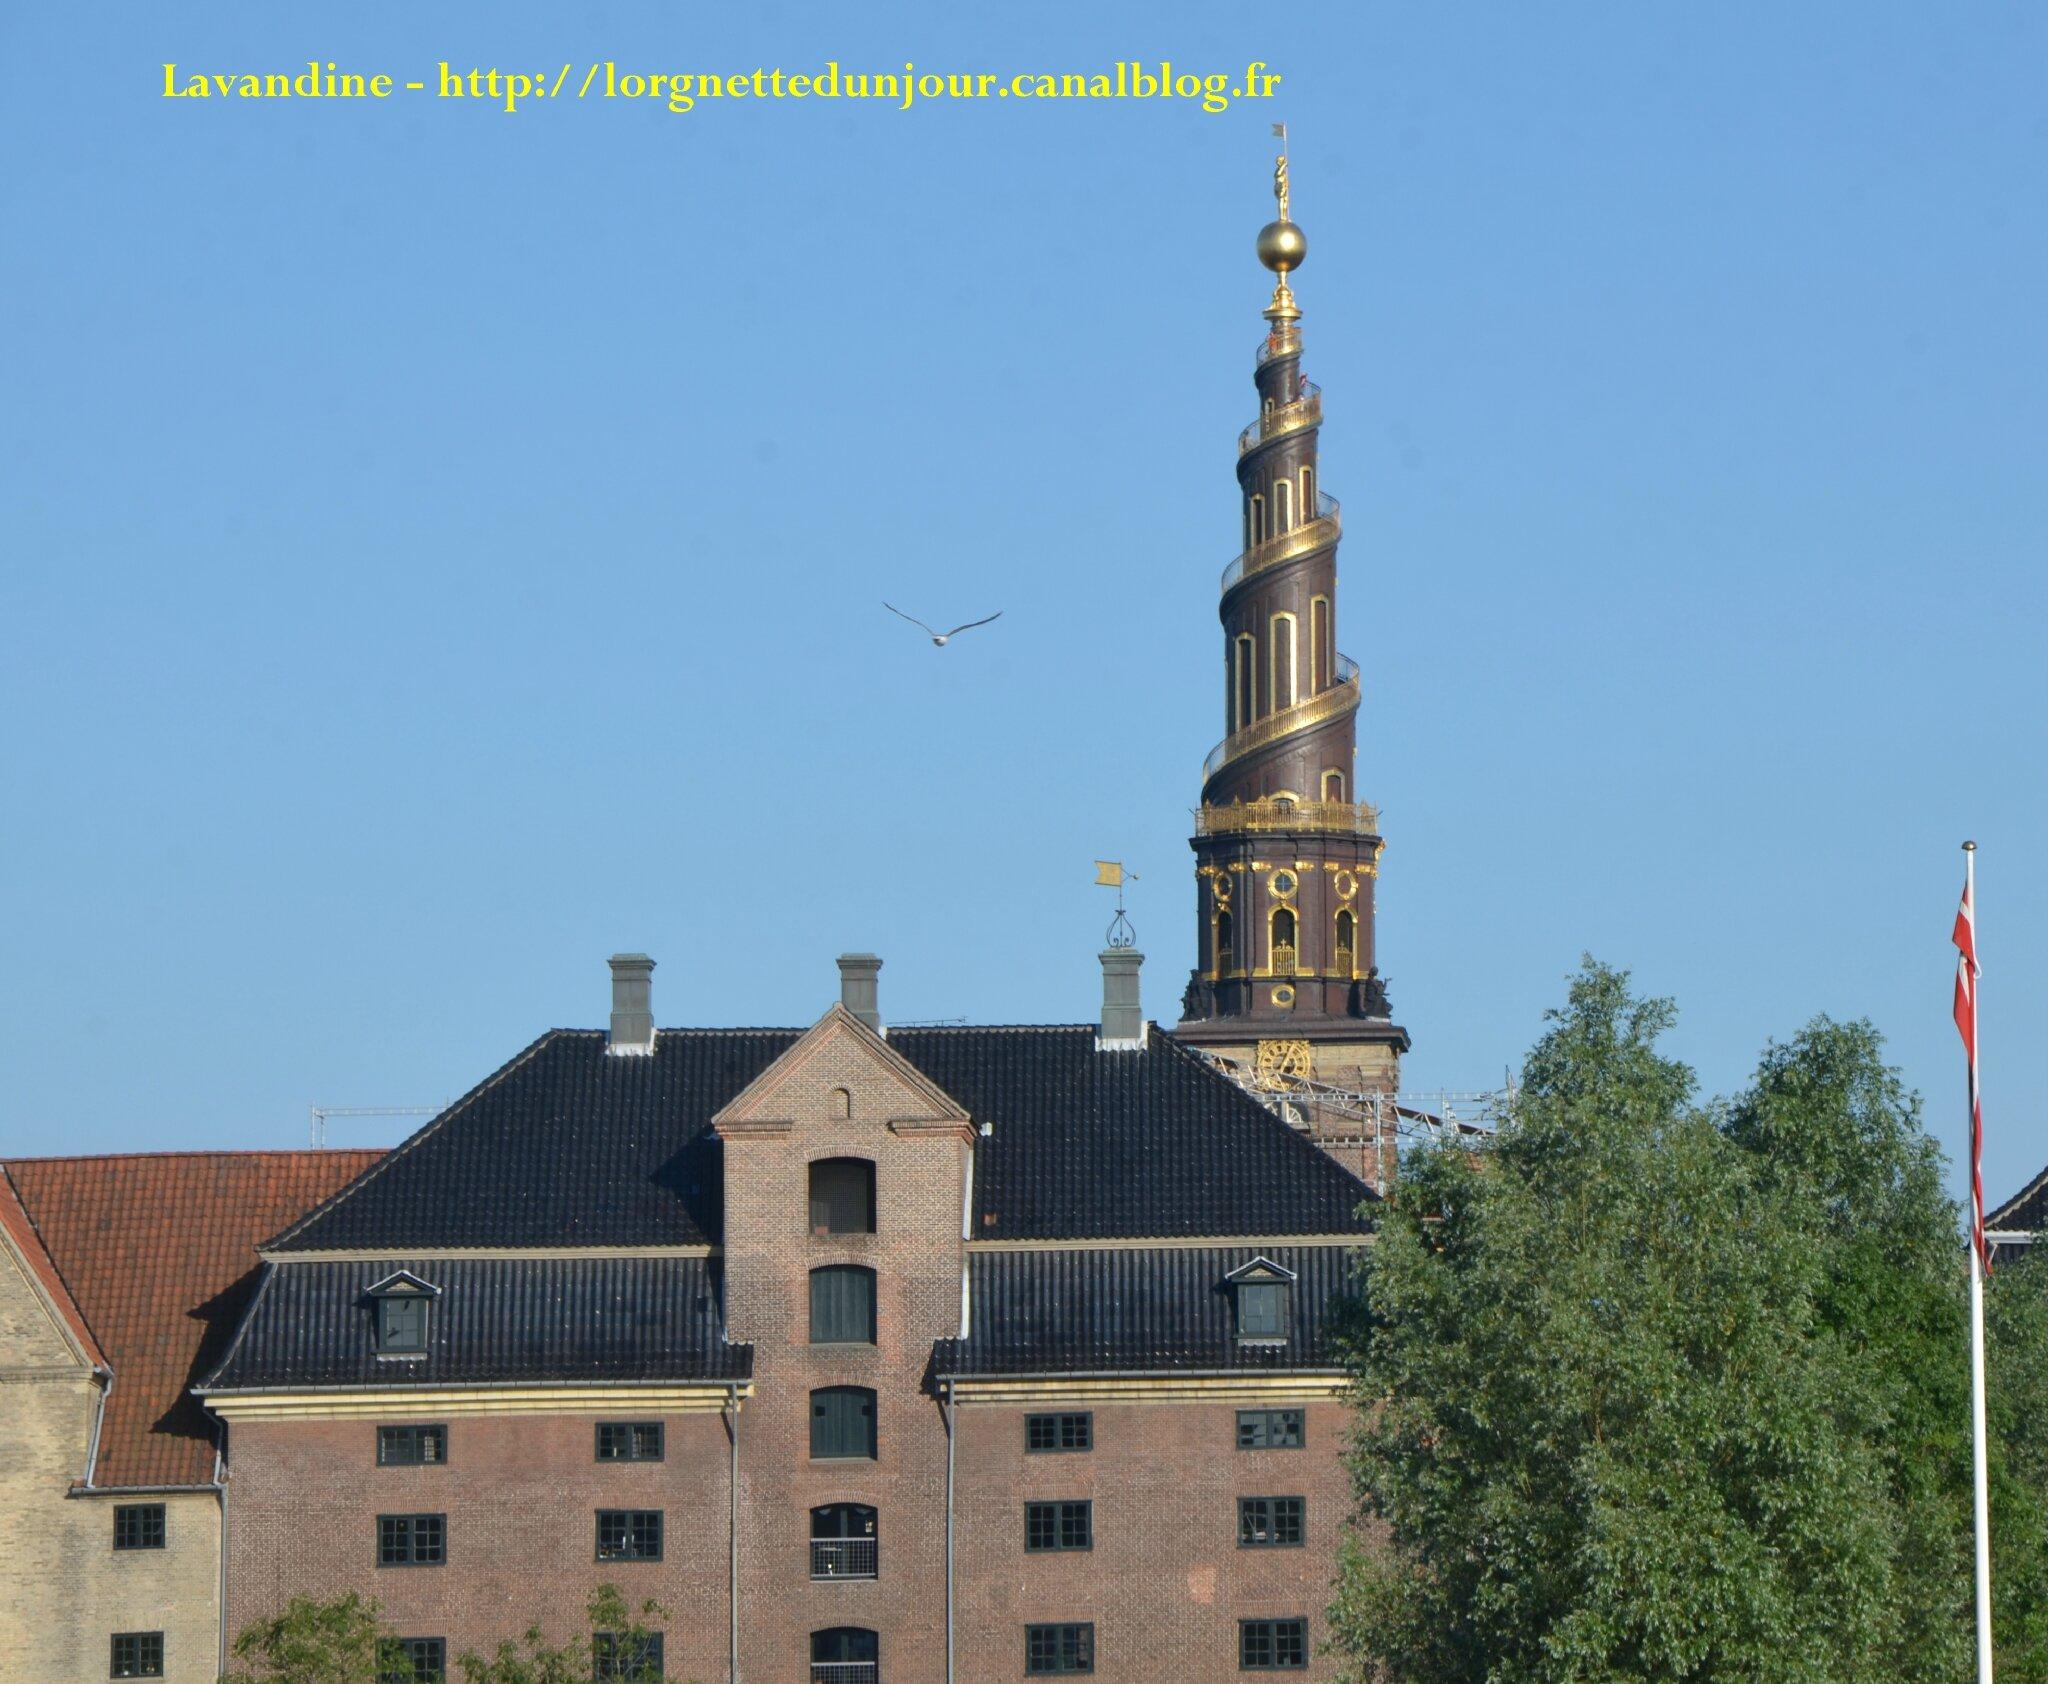 02/09/14 : Une église, encore